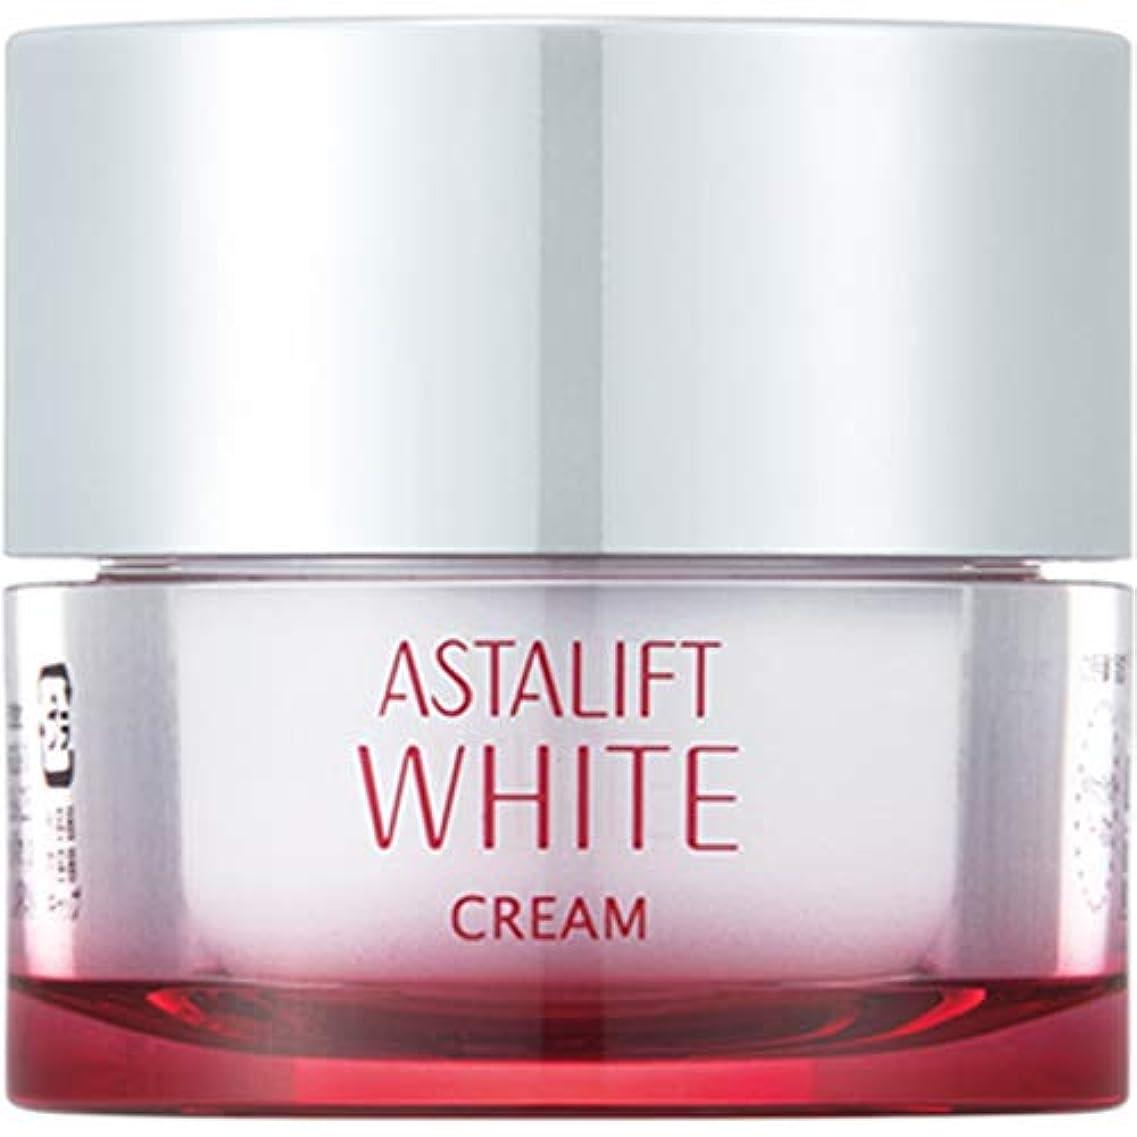 個人的にすり減る落ち込んでいるASTALIFT(アスタリフト) ホワイト クリーム(美白クリーム) 30g